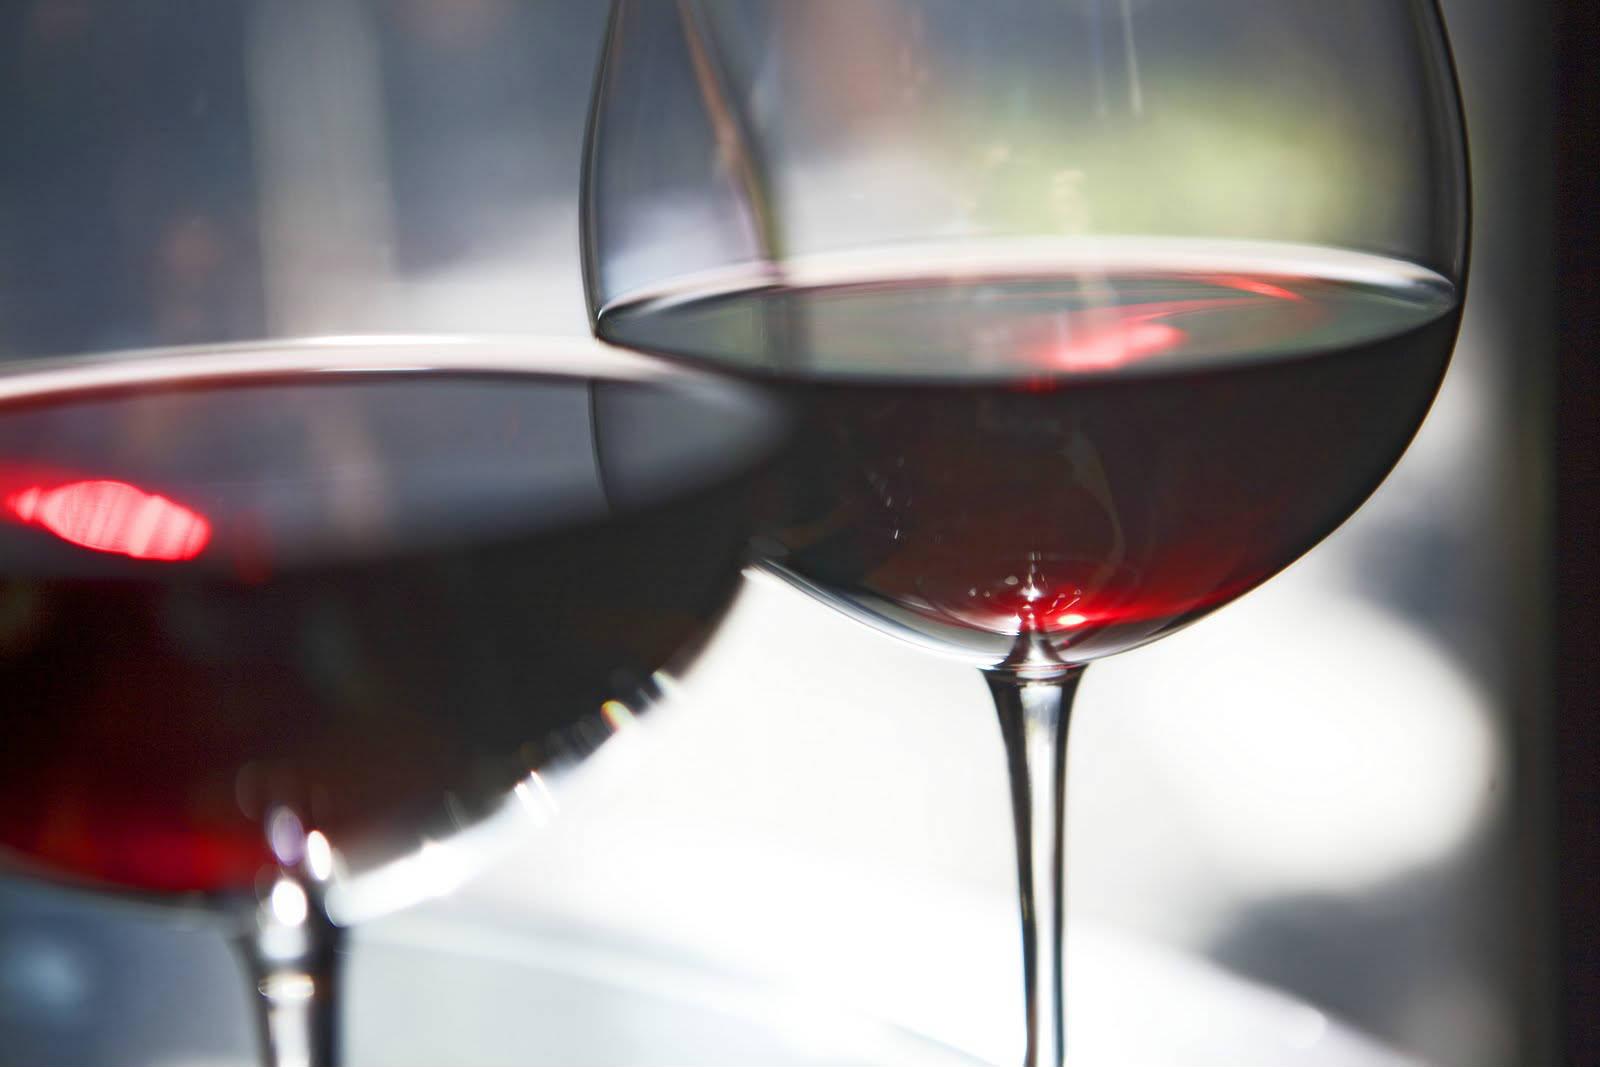 Pinot-Noir-glasses.jpg